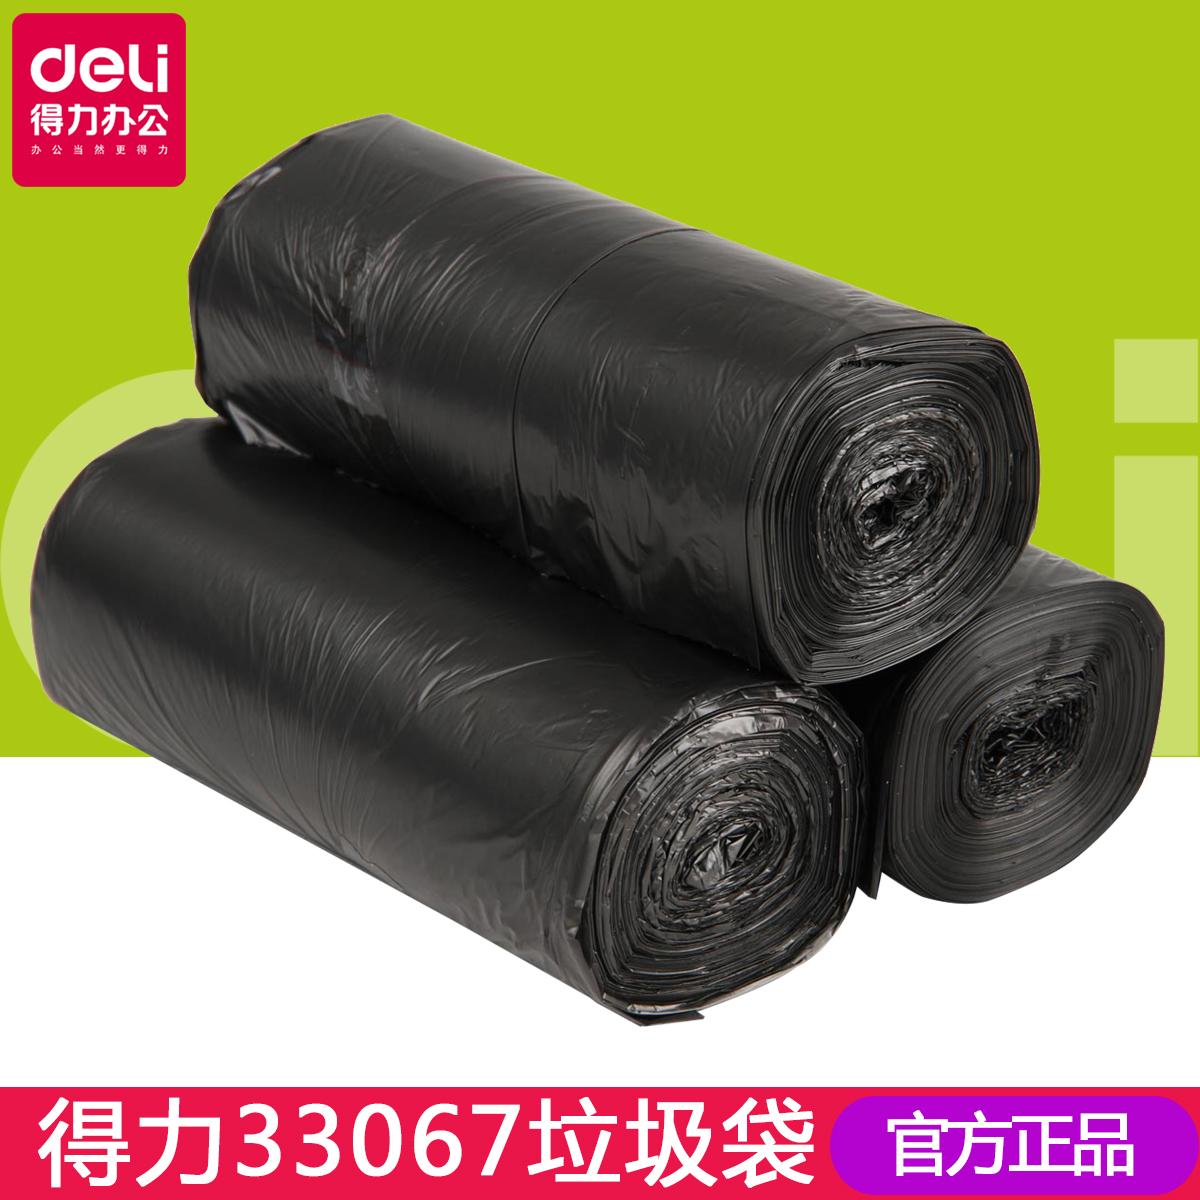 Компетентный 33067 черный мешки для мусора 45*55CM жесткий хорошо точка перерыв стиль мешки для мусора 1 пакет 3 объем 90 только установлен